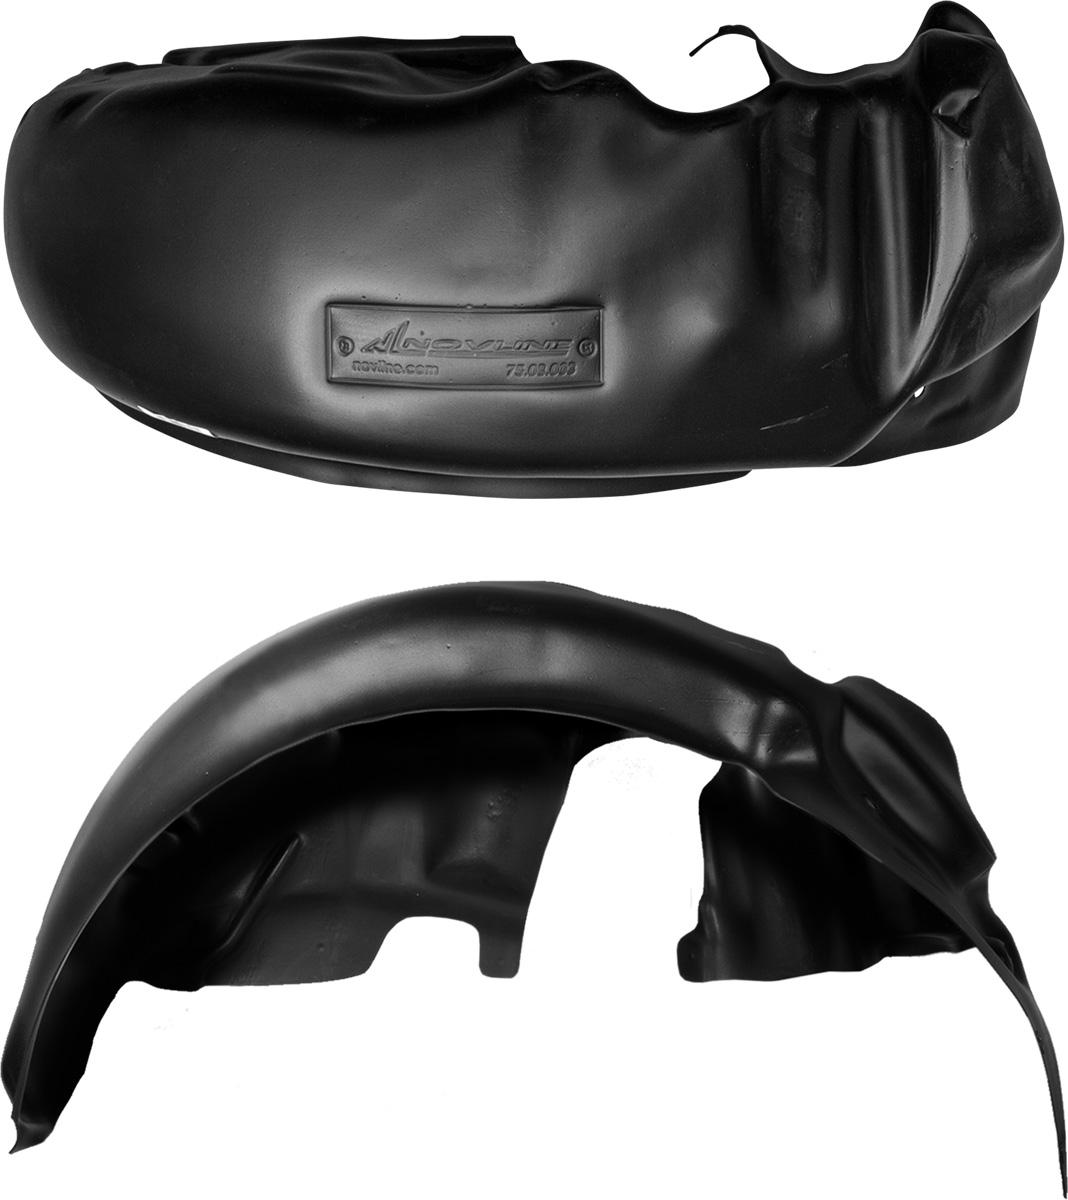 Подкрылок Novline-Autofamily, для Mitsubishi Pajero IV, 2006->, передний правыйNLL.35.16.002Колесные ниши - одни из самых уязвимых зон днища вашего автомобиля. Они постоянно подвергаются воздействию со стороны дороги. Лучшая, почти абсолютная защита для них - специально отформованные пластиковые кожухи, которые называются подкрылками. Производятся они как для отечественных моделей автомобилей, так и для иномарок. Подкрылки Novline-Autofamily выполнены из высококачественного, экологически чистого пластика. Обеспечивают надежную защиту кузова автомобиля от пескоструйного эффекта и негативного влияния, агрессивных антигололедных реагентов. Пластик обладает более низкой теплопроводностью, чем металл, поэтому в зимний период эксплуатации использование пластиковых подкрылков позволяет лучше защитить колесные ниши от налипания снега и образования наледи. Оригинальность конструкции подчеркивает элегантность автомобиля, бережно защищает нанесенное на днище кузова антикоррозийное покрытие и позволяет осуществить крепление подкрылков внутри колесной арки практически без...